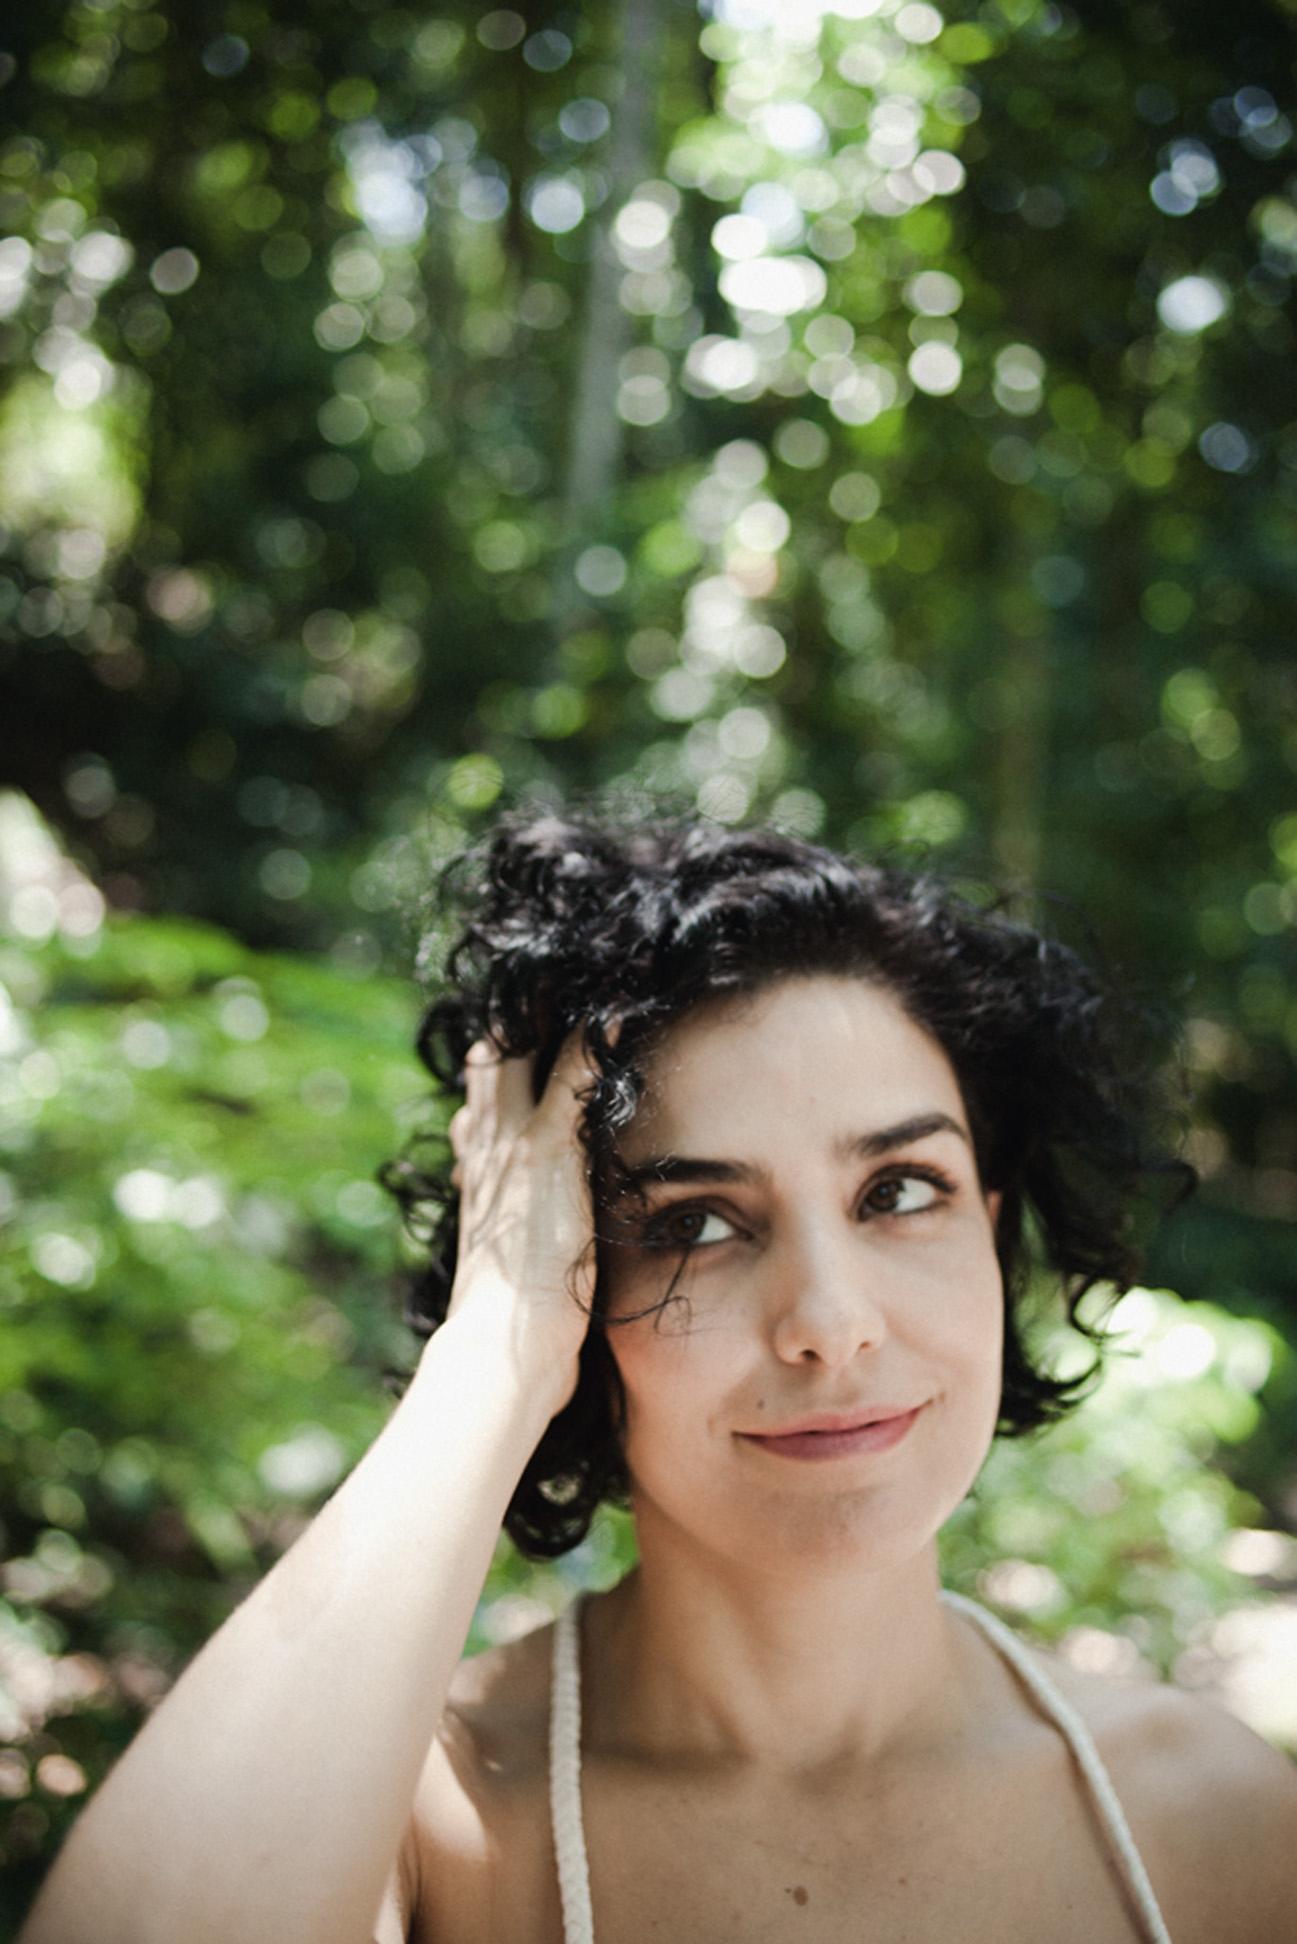 Letícia Sabatella: Atriz, 40 anos - Cofundadora da ONG Movimento Humanos Direitos, em que artistas usam sua imagem em prol de questões sociais